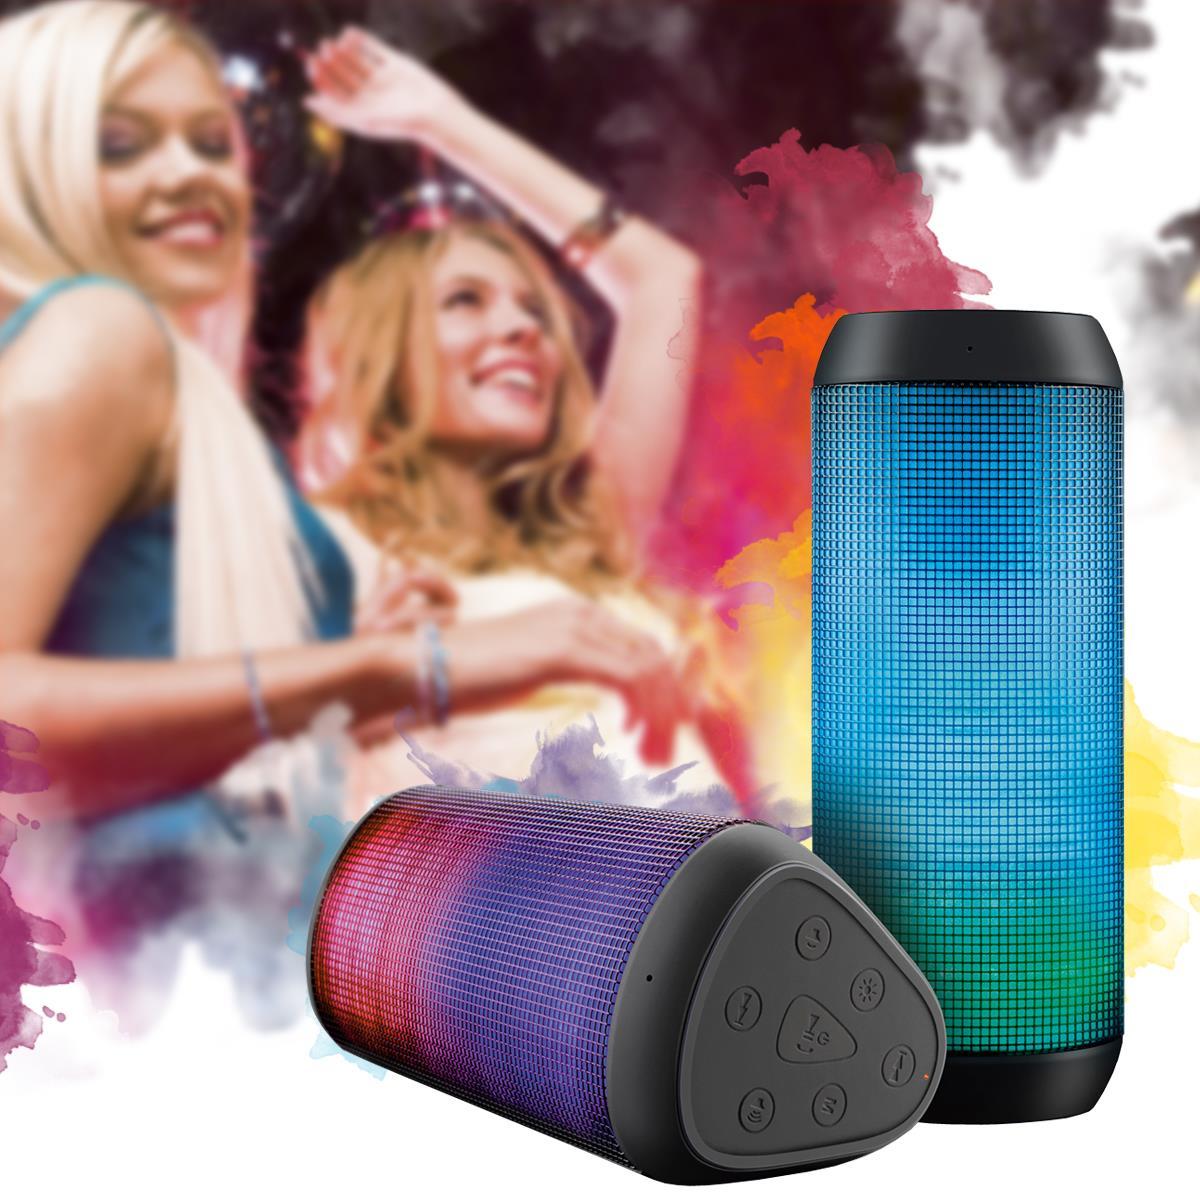 Caixa De Som Bluetooth Com Luzes de LED 15 W RMS SP 192 Multilaser - QE. De 549,90 por 479,90.